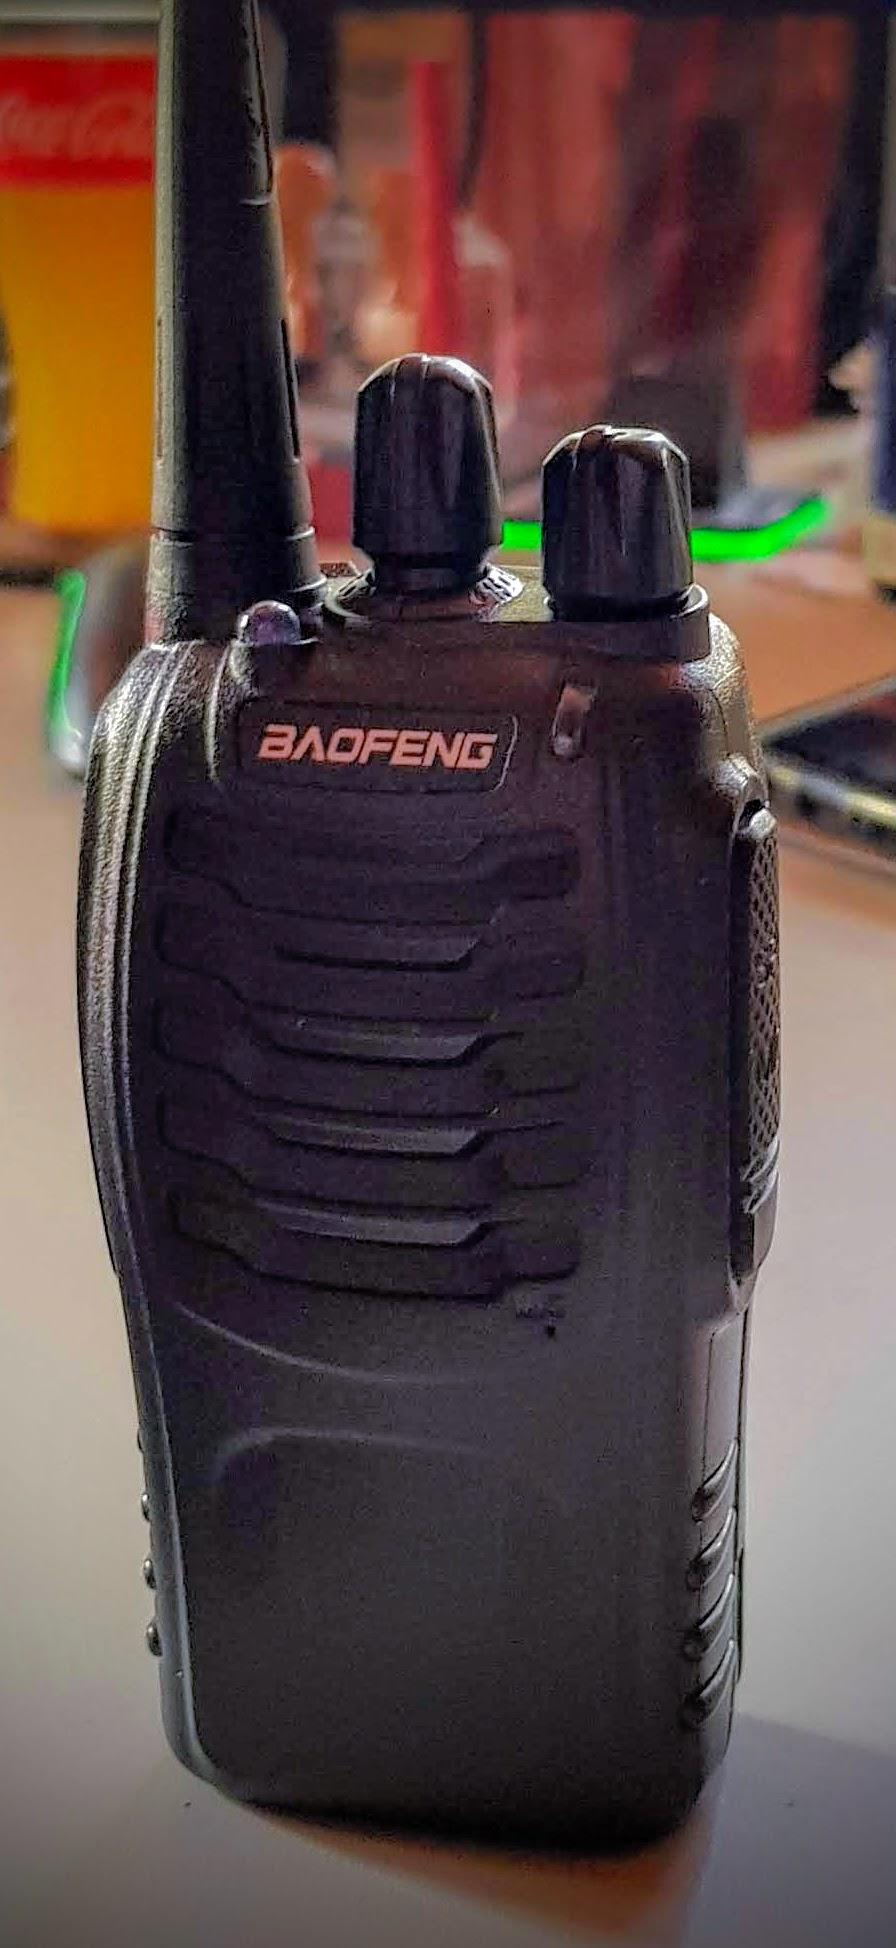 sehr schönes Funkgerät - die Machart mit den Akkus erinnert mich an Motorola